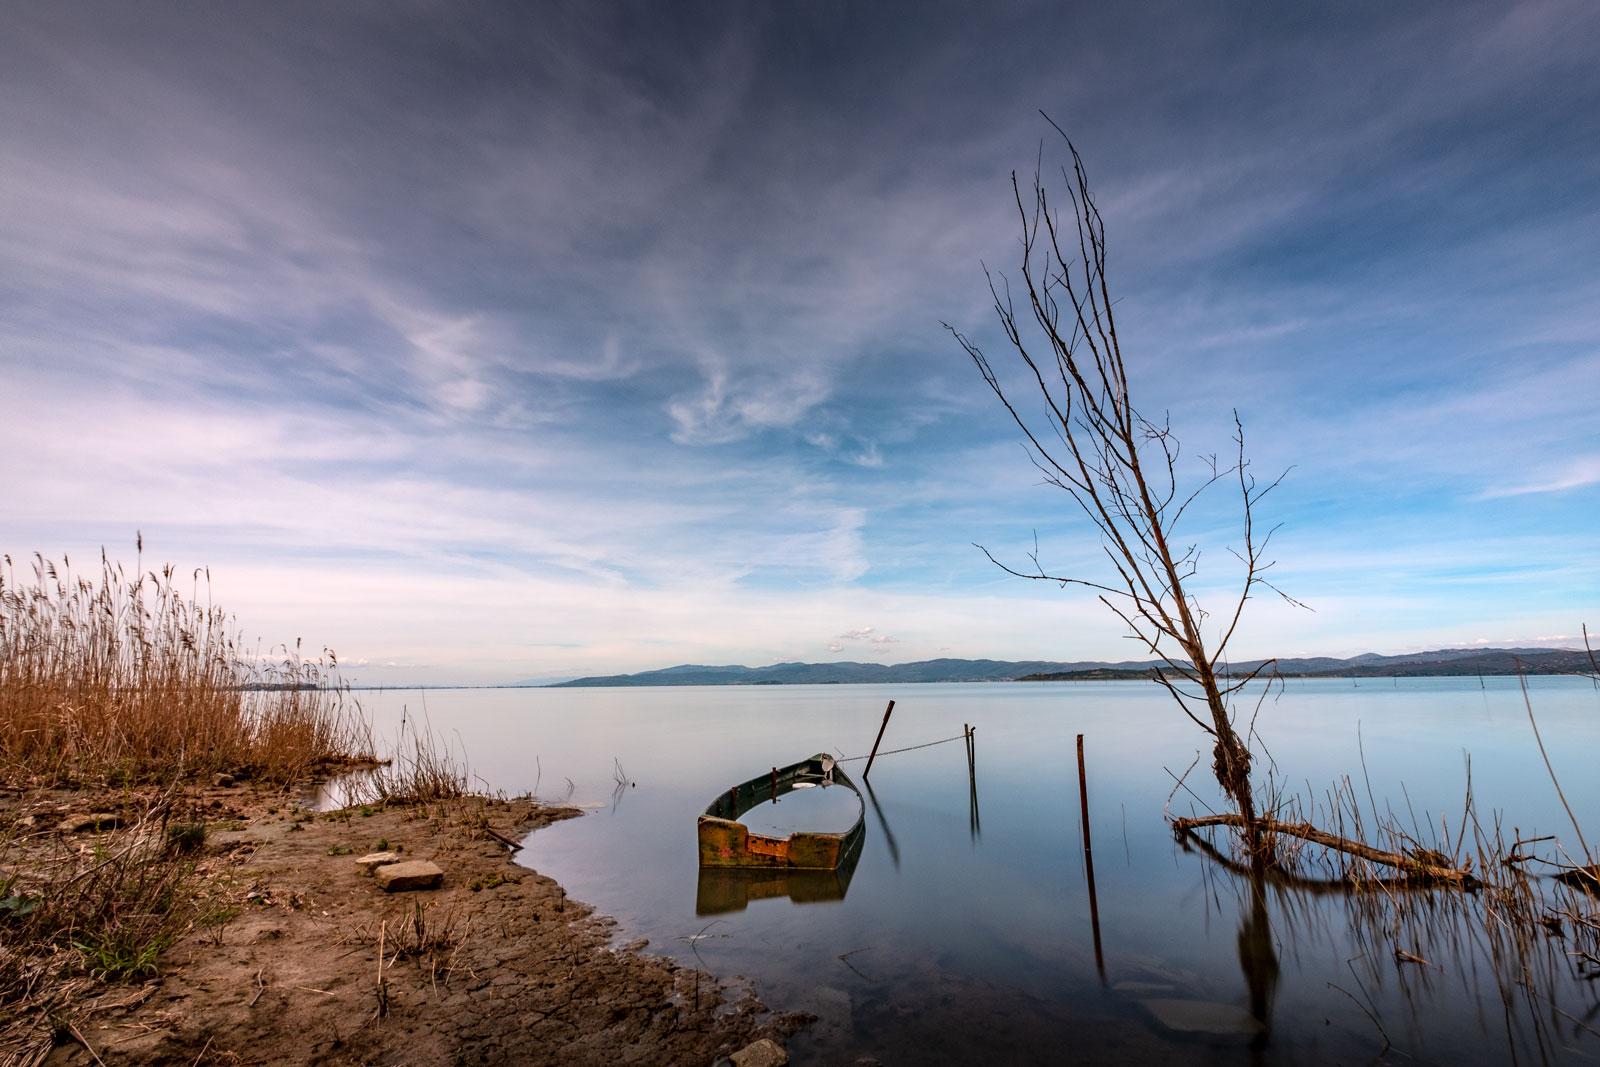 emilanesi-lago-007